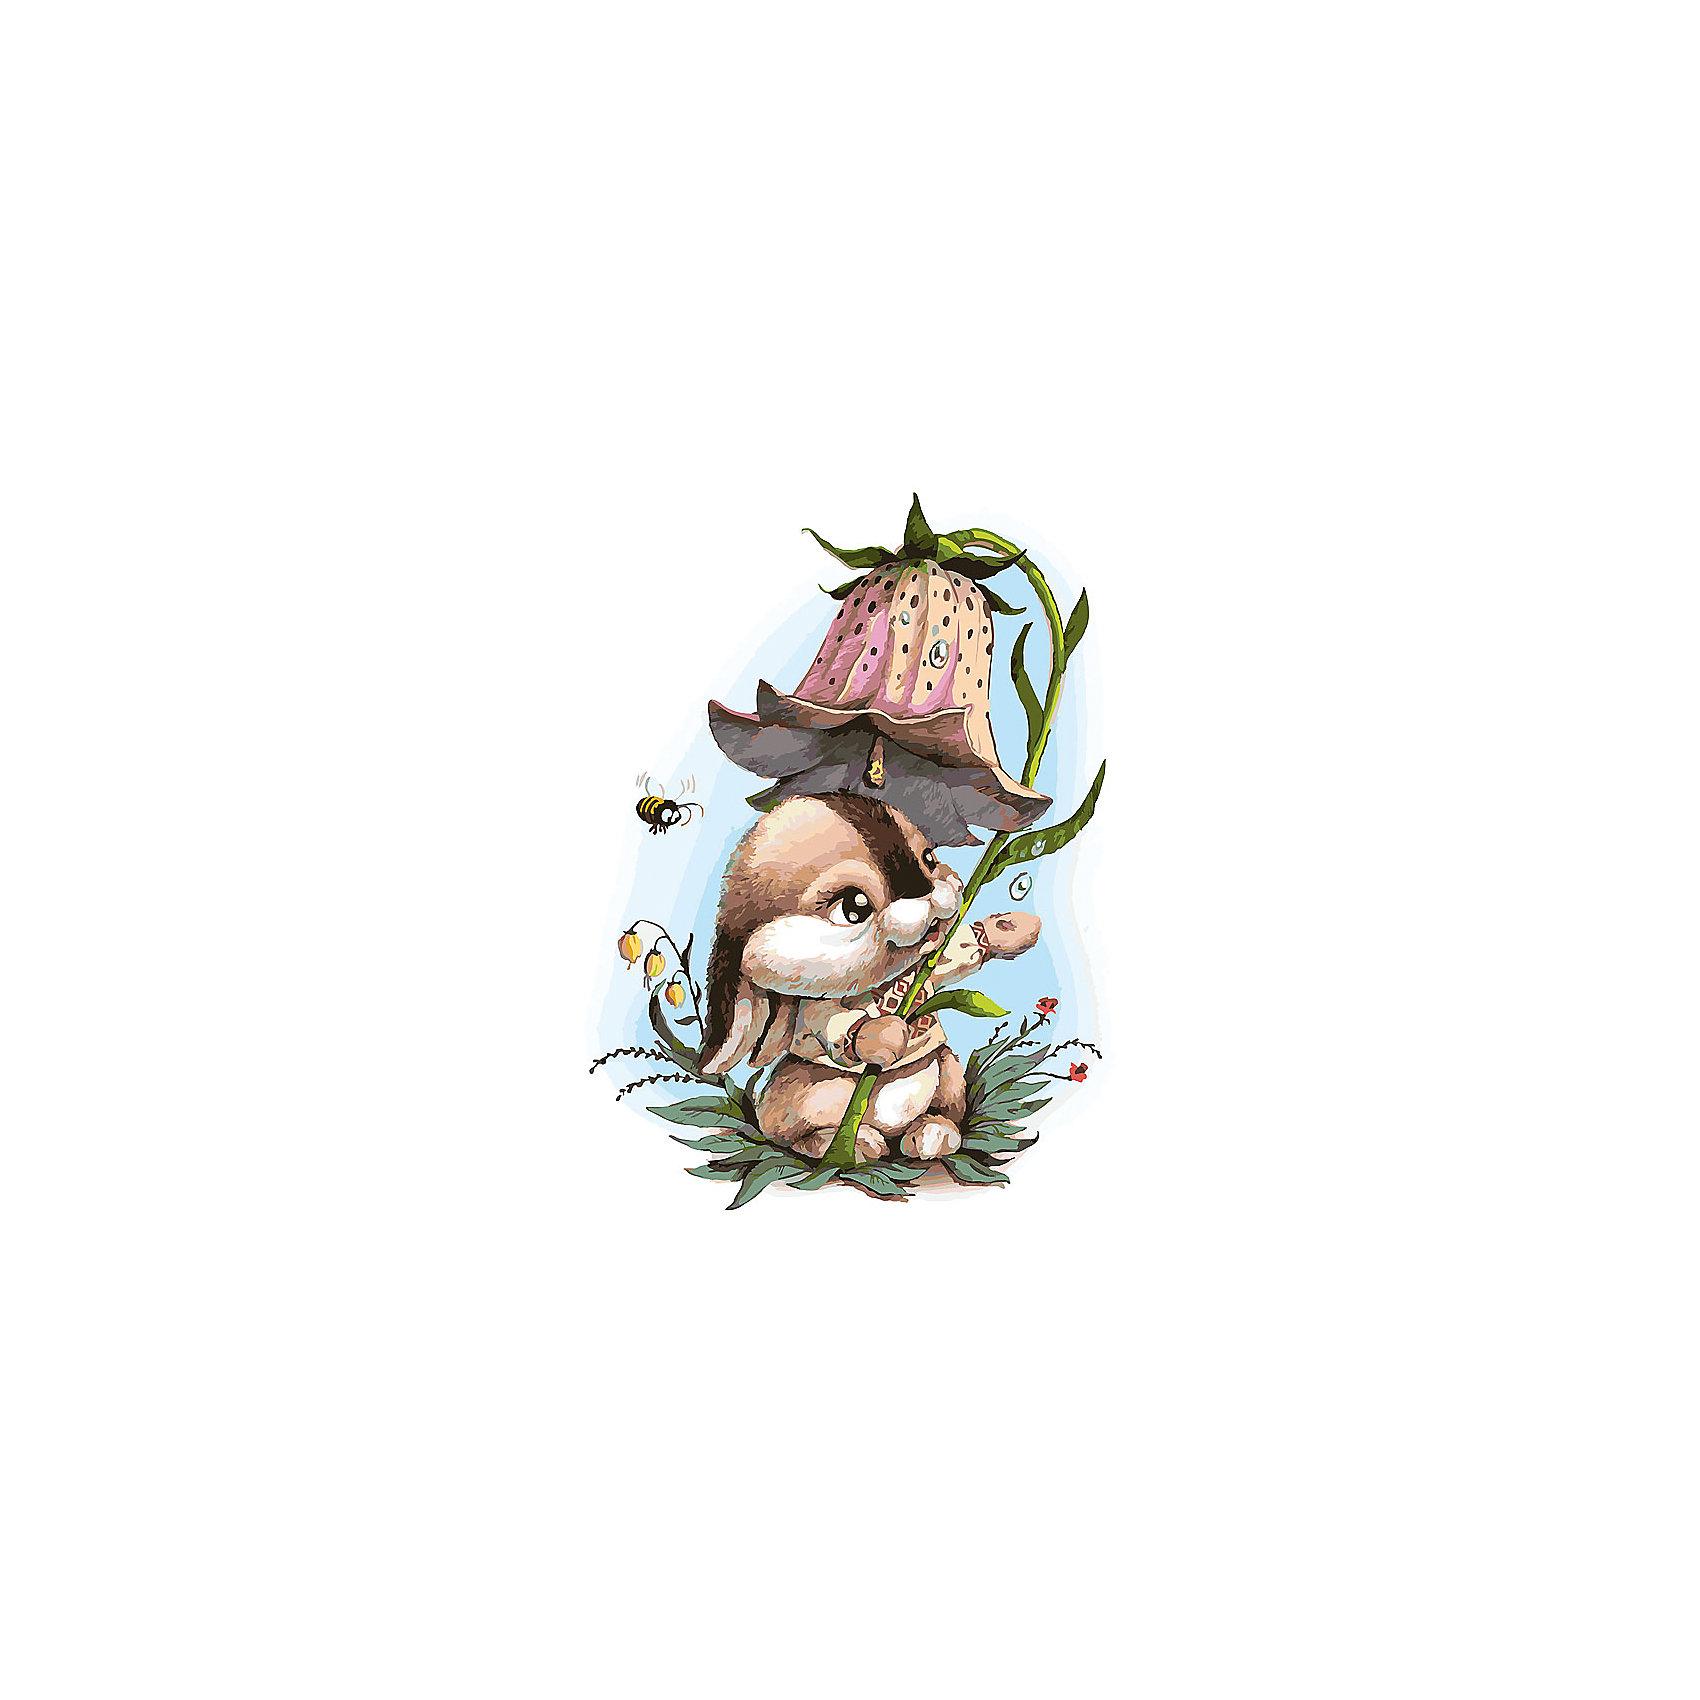 Белоснежка Живопись на холсте 30*40 см Зайчик с колокольчиком